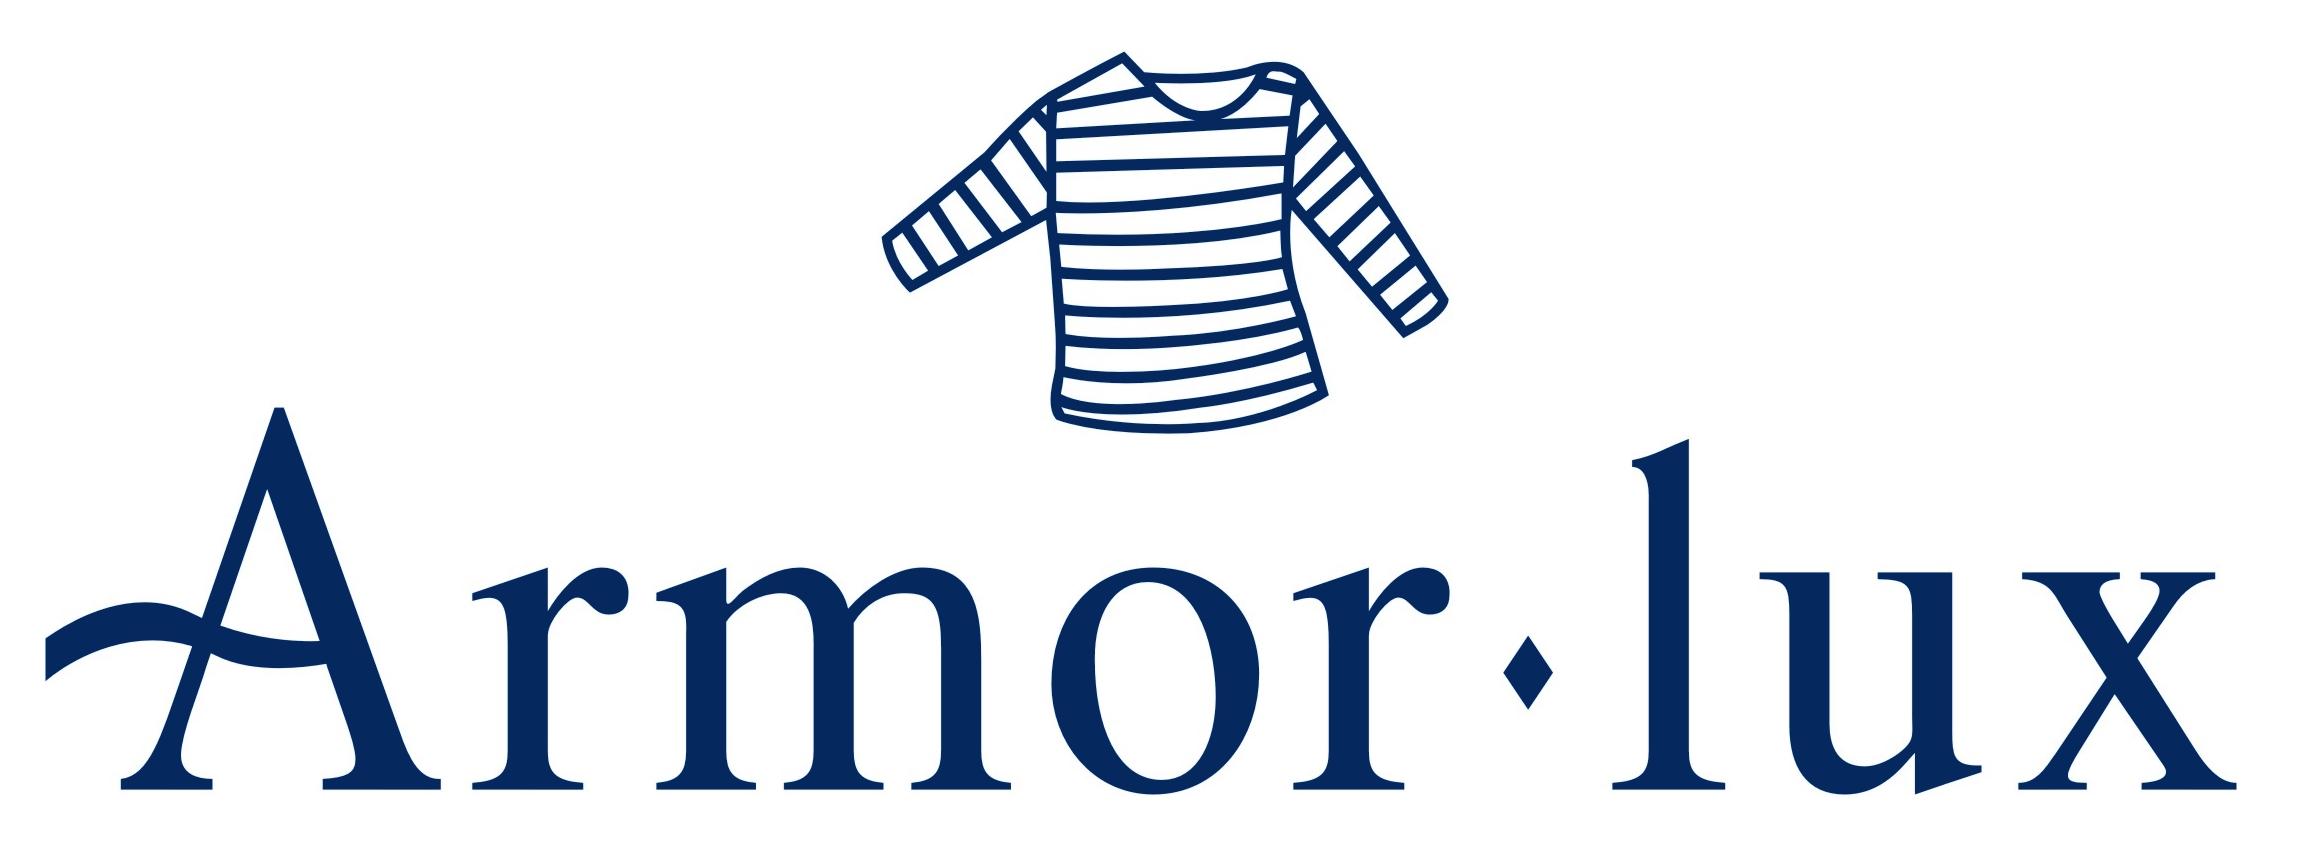 Code promo Armor Lux : 50% de réduction sur le 2ème article acheté + livraison offerte